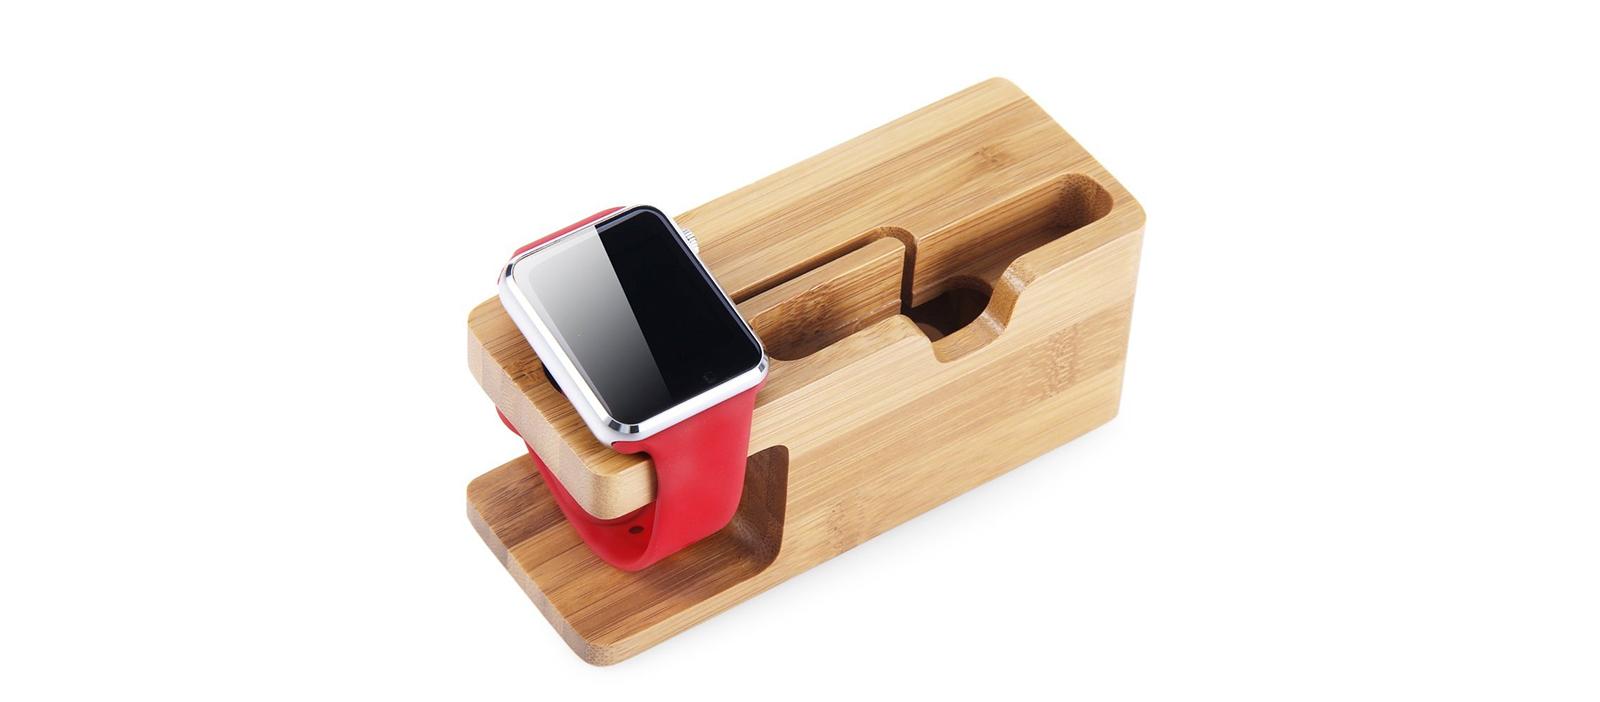 Tip na produkt v akci - Držák pro iPhone a Apple Watch - MyWood Bamboo s dopravou zdarma!